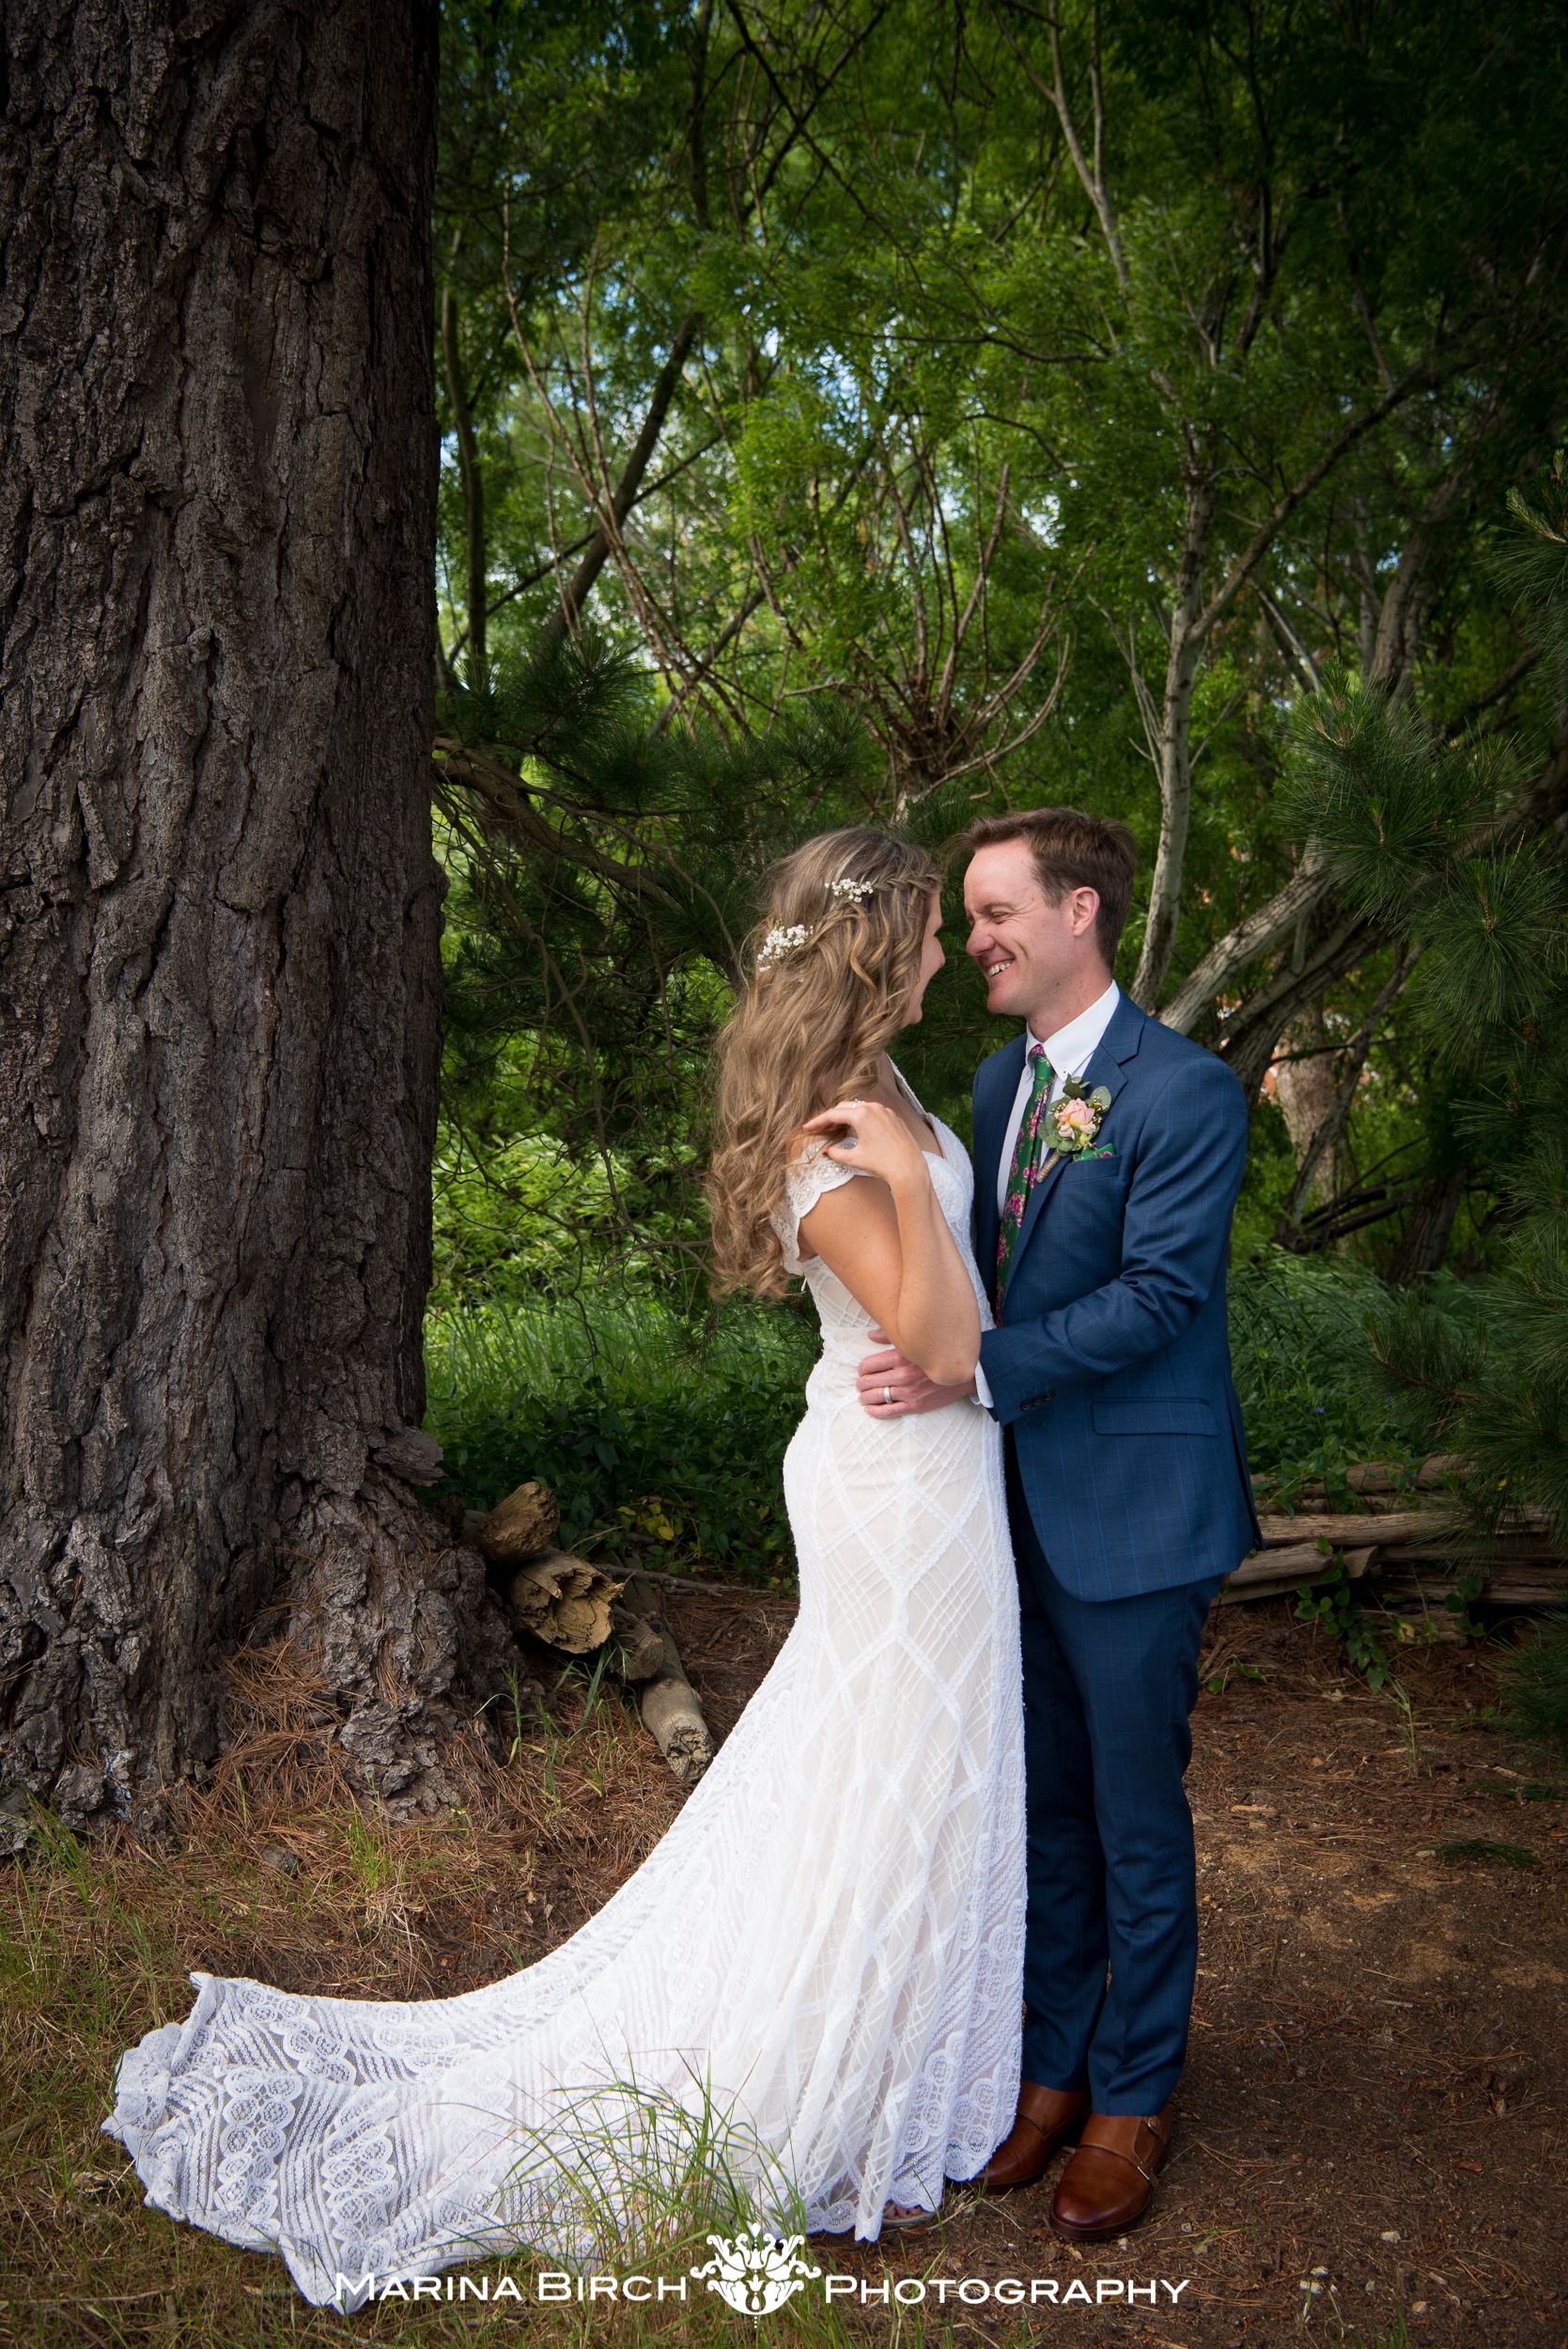 MBP.wedding -21.jpg